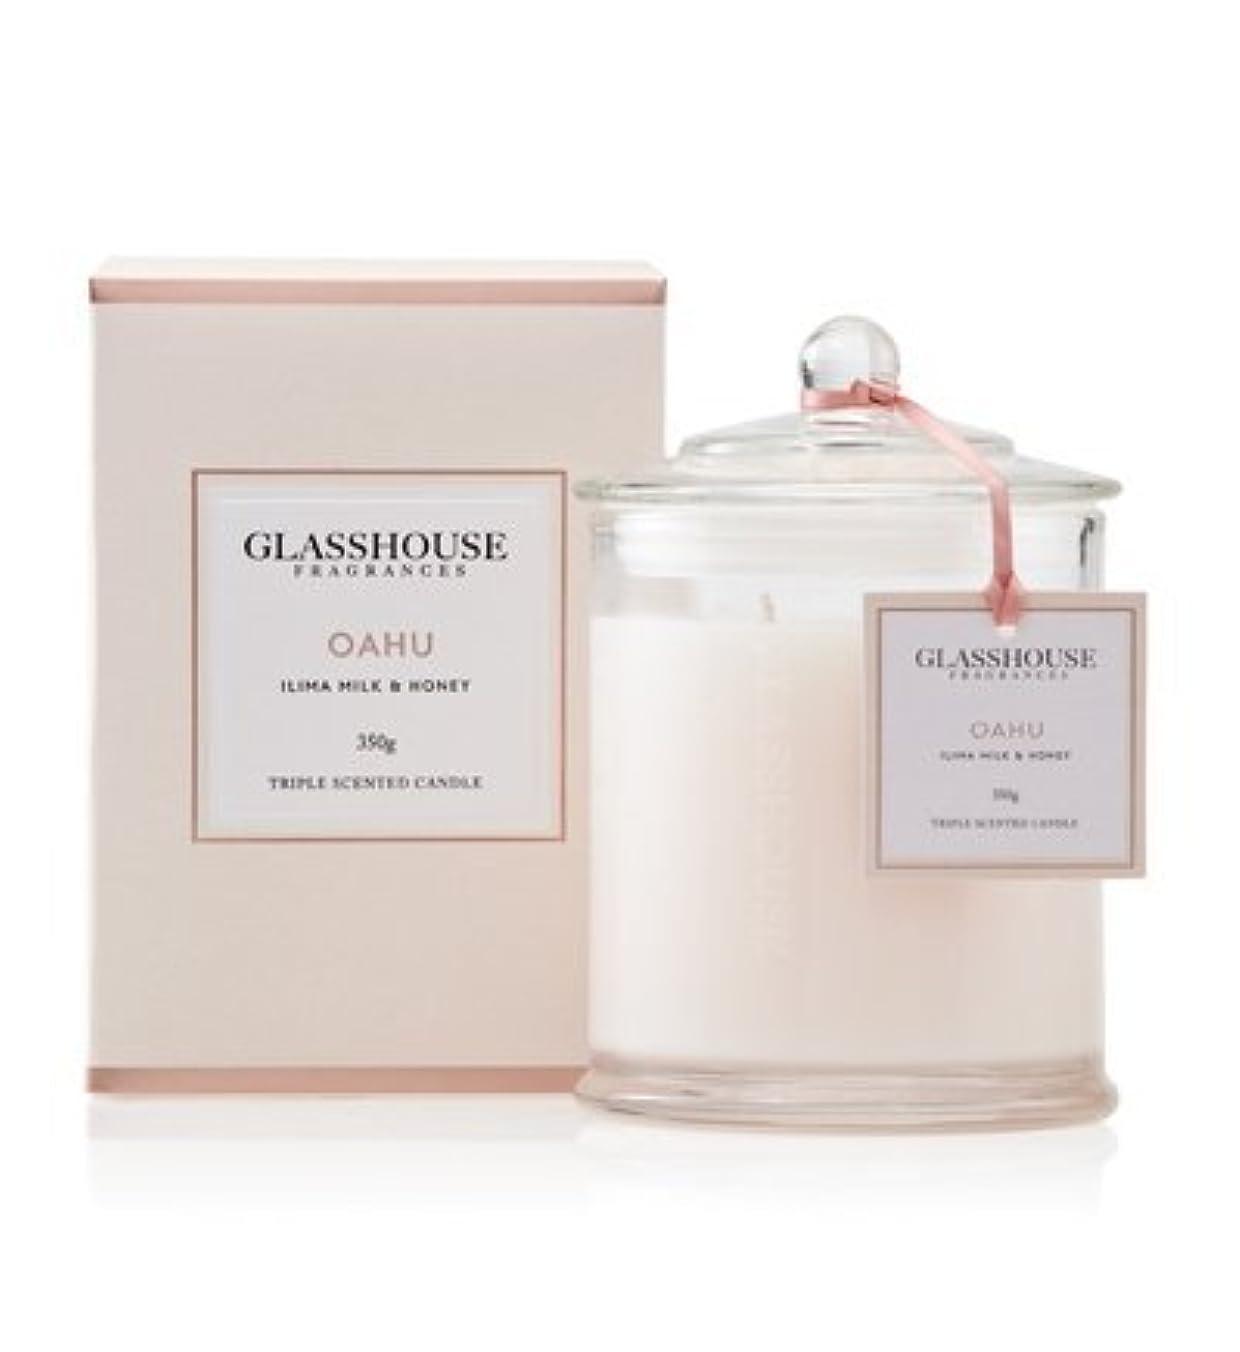 実質的センチメンタル赤面GLASSHOUSE グラスハウス アロマキャンドル (オアフ) ミルキーフローラル 350g